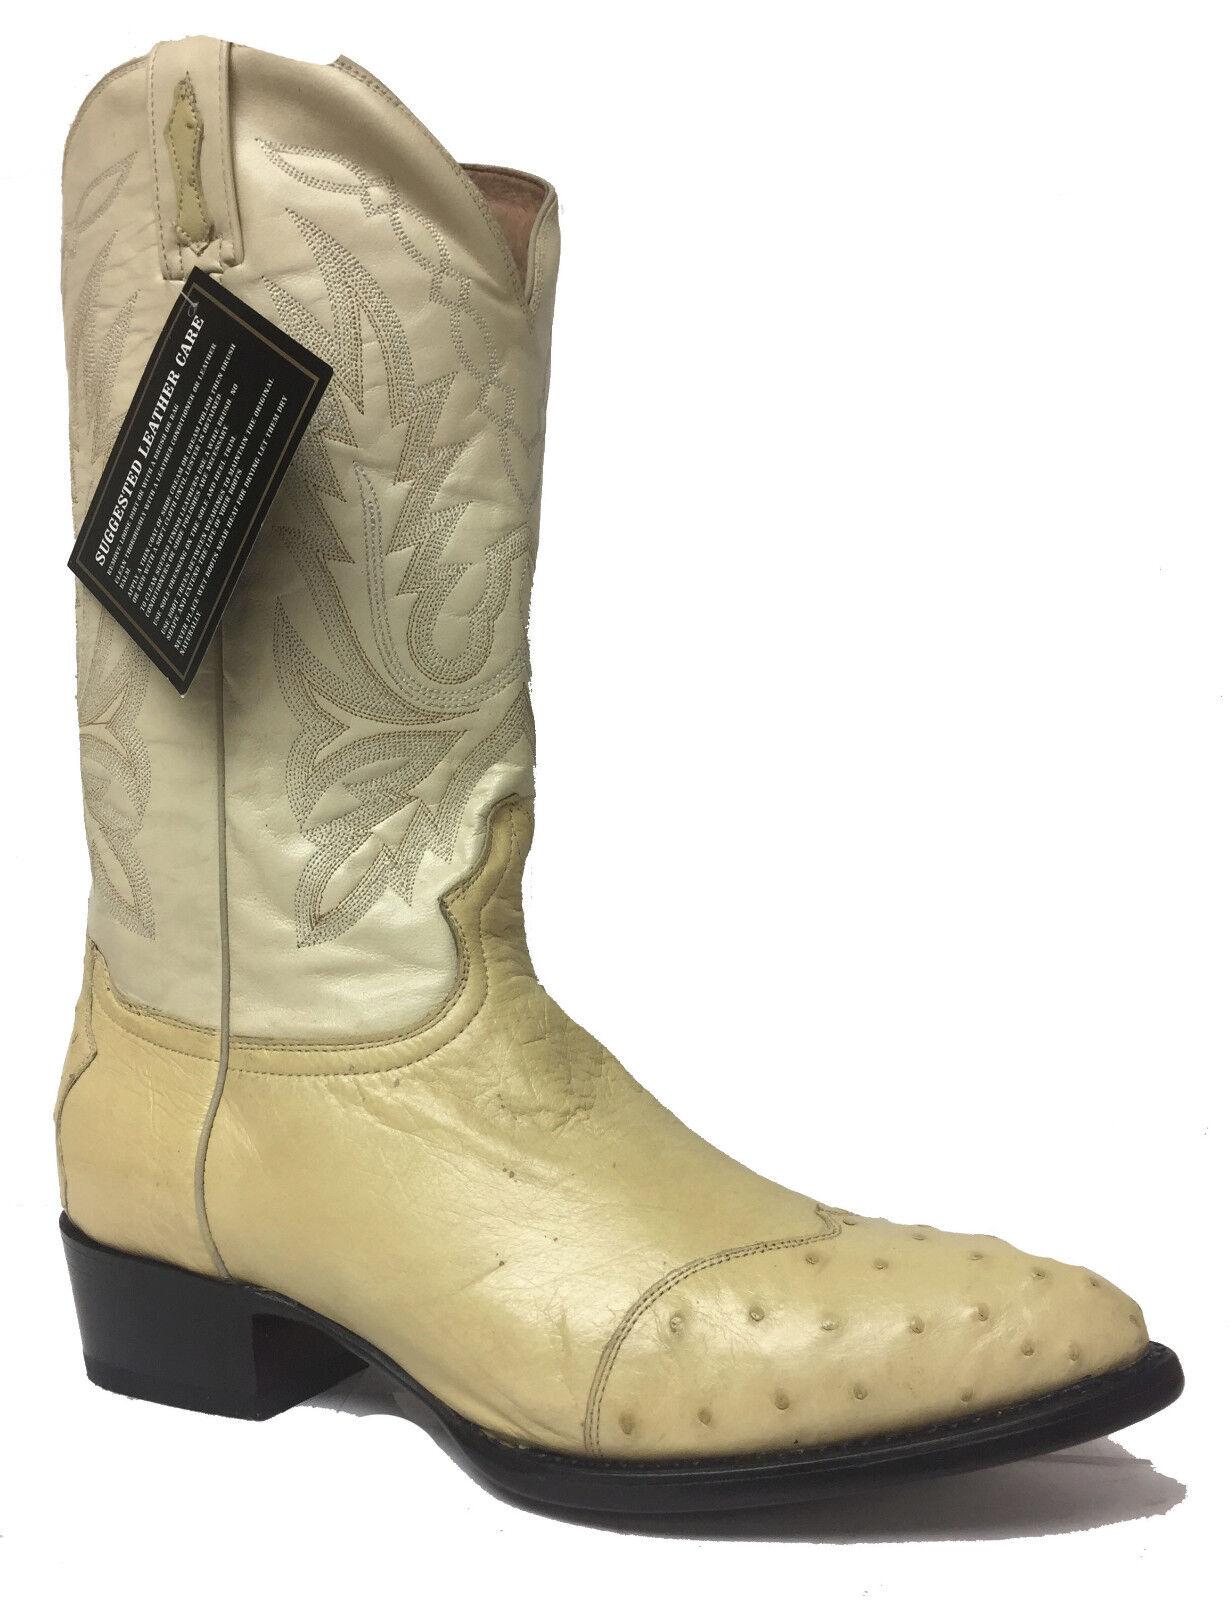 Nuevo Para hombres Cuero Genuino Avestruz blancoo Apagado Western Cowboy Rodeo botas